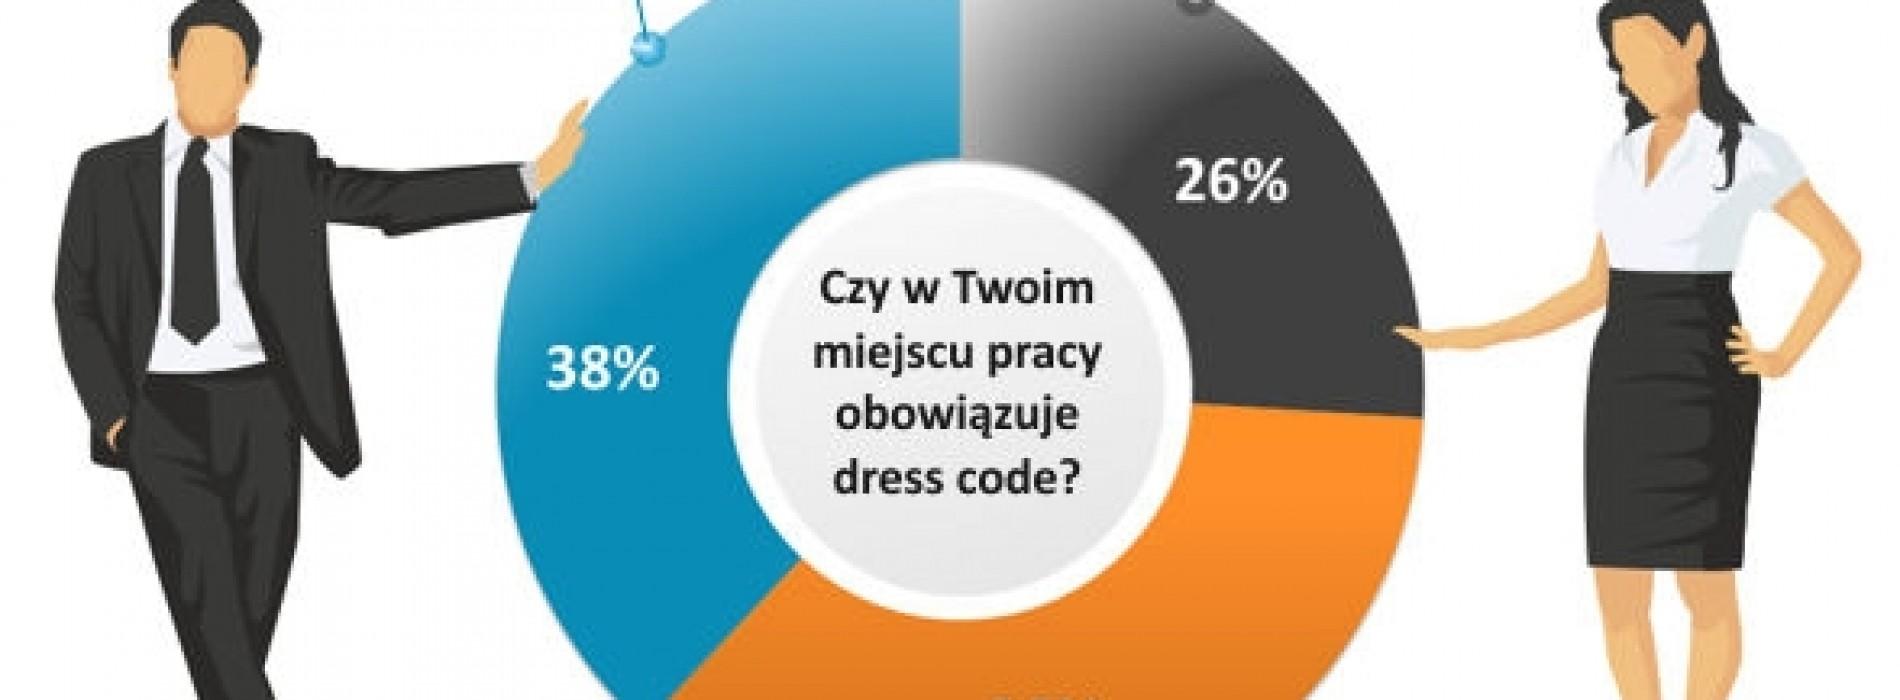 Dress code to nie znaczy zawsze to samo